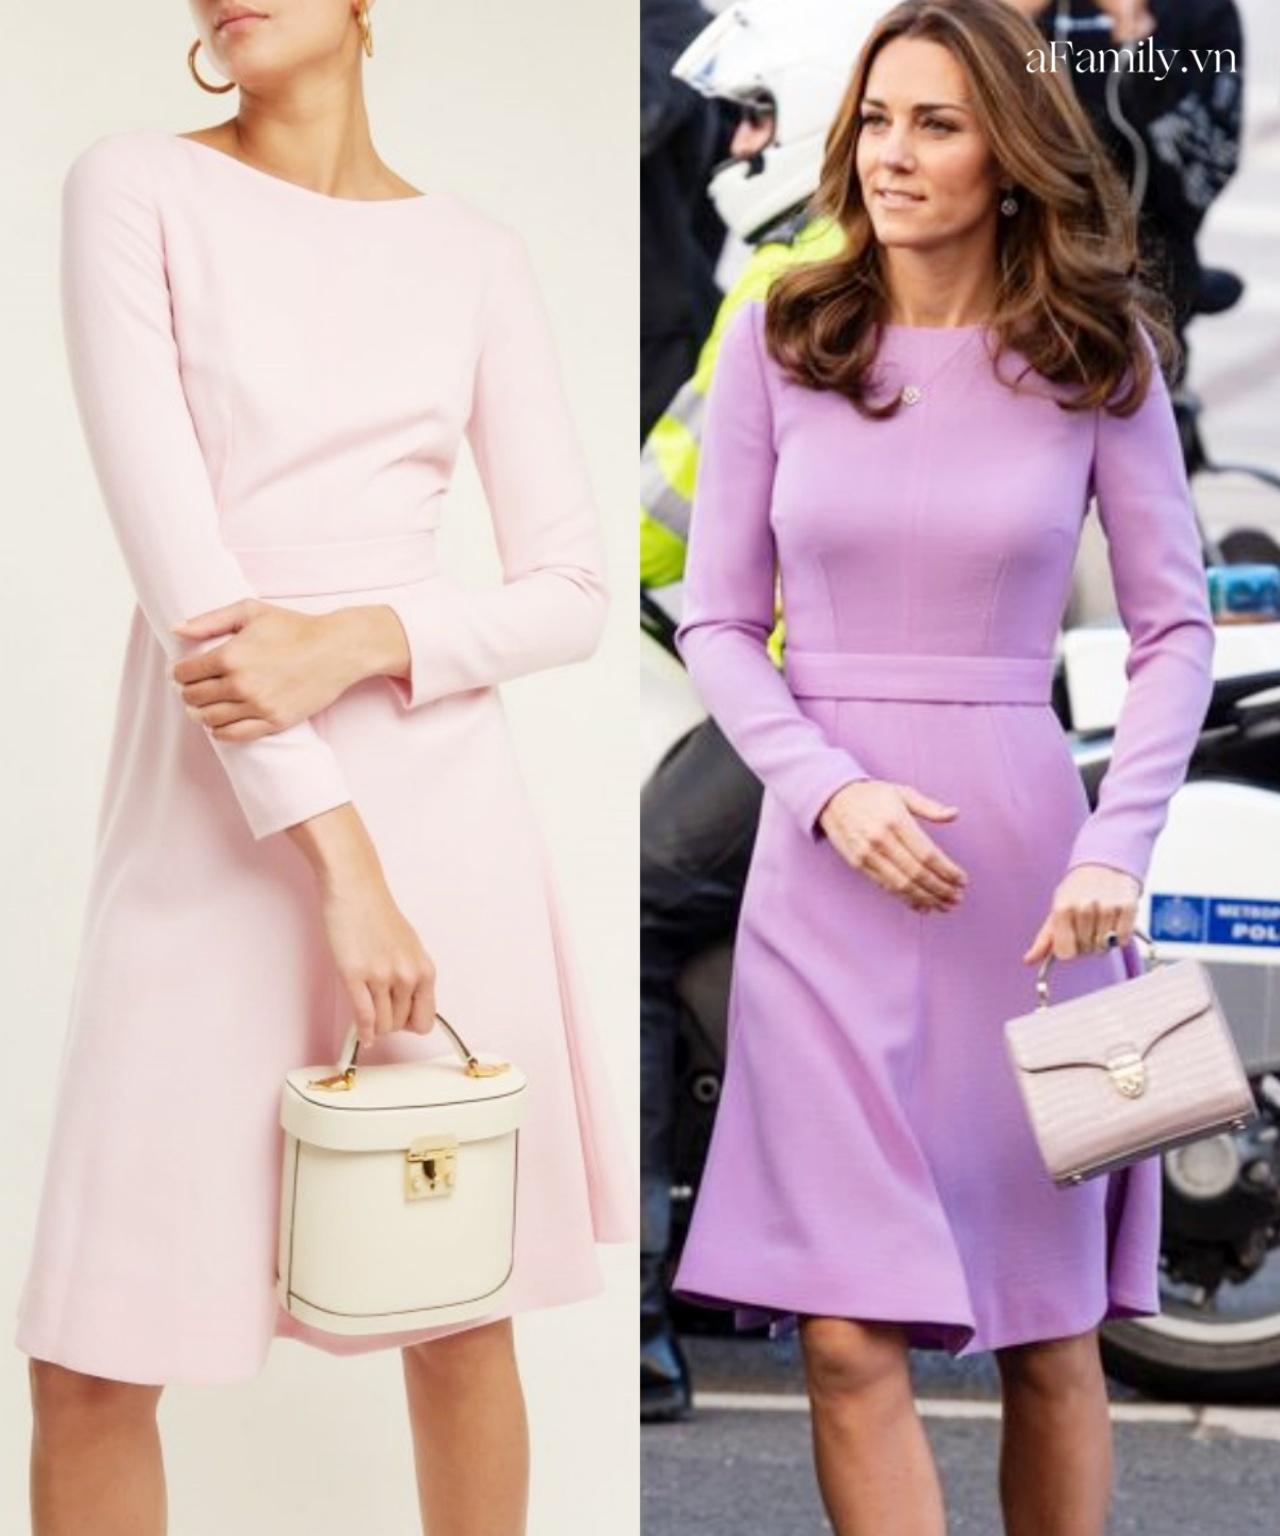 Đẳng cấp thời trang của Công nương Kate: Thanh lịch lấn át mẫu hãng, chứng minh khí chất hoàng gia hiếm ai bì kịp - Ảnh 6.